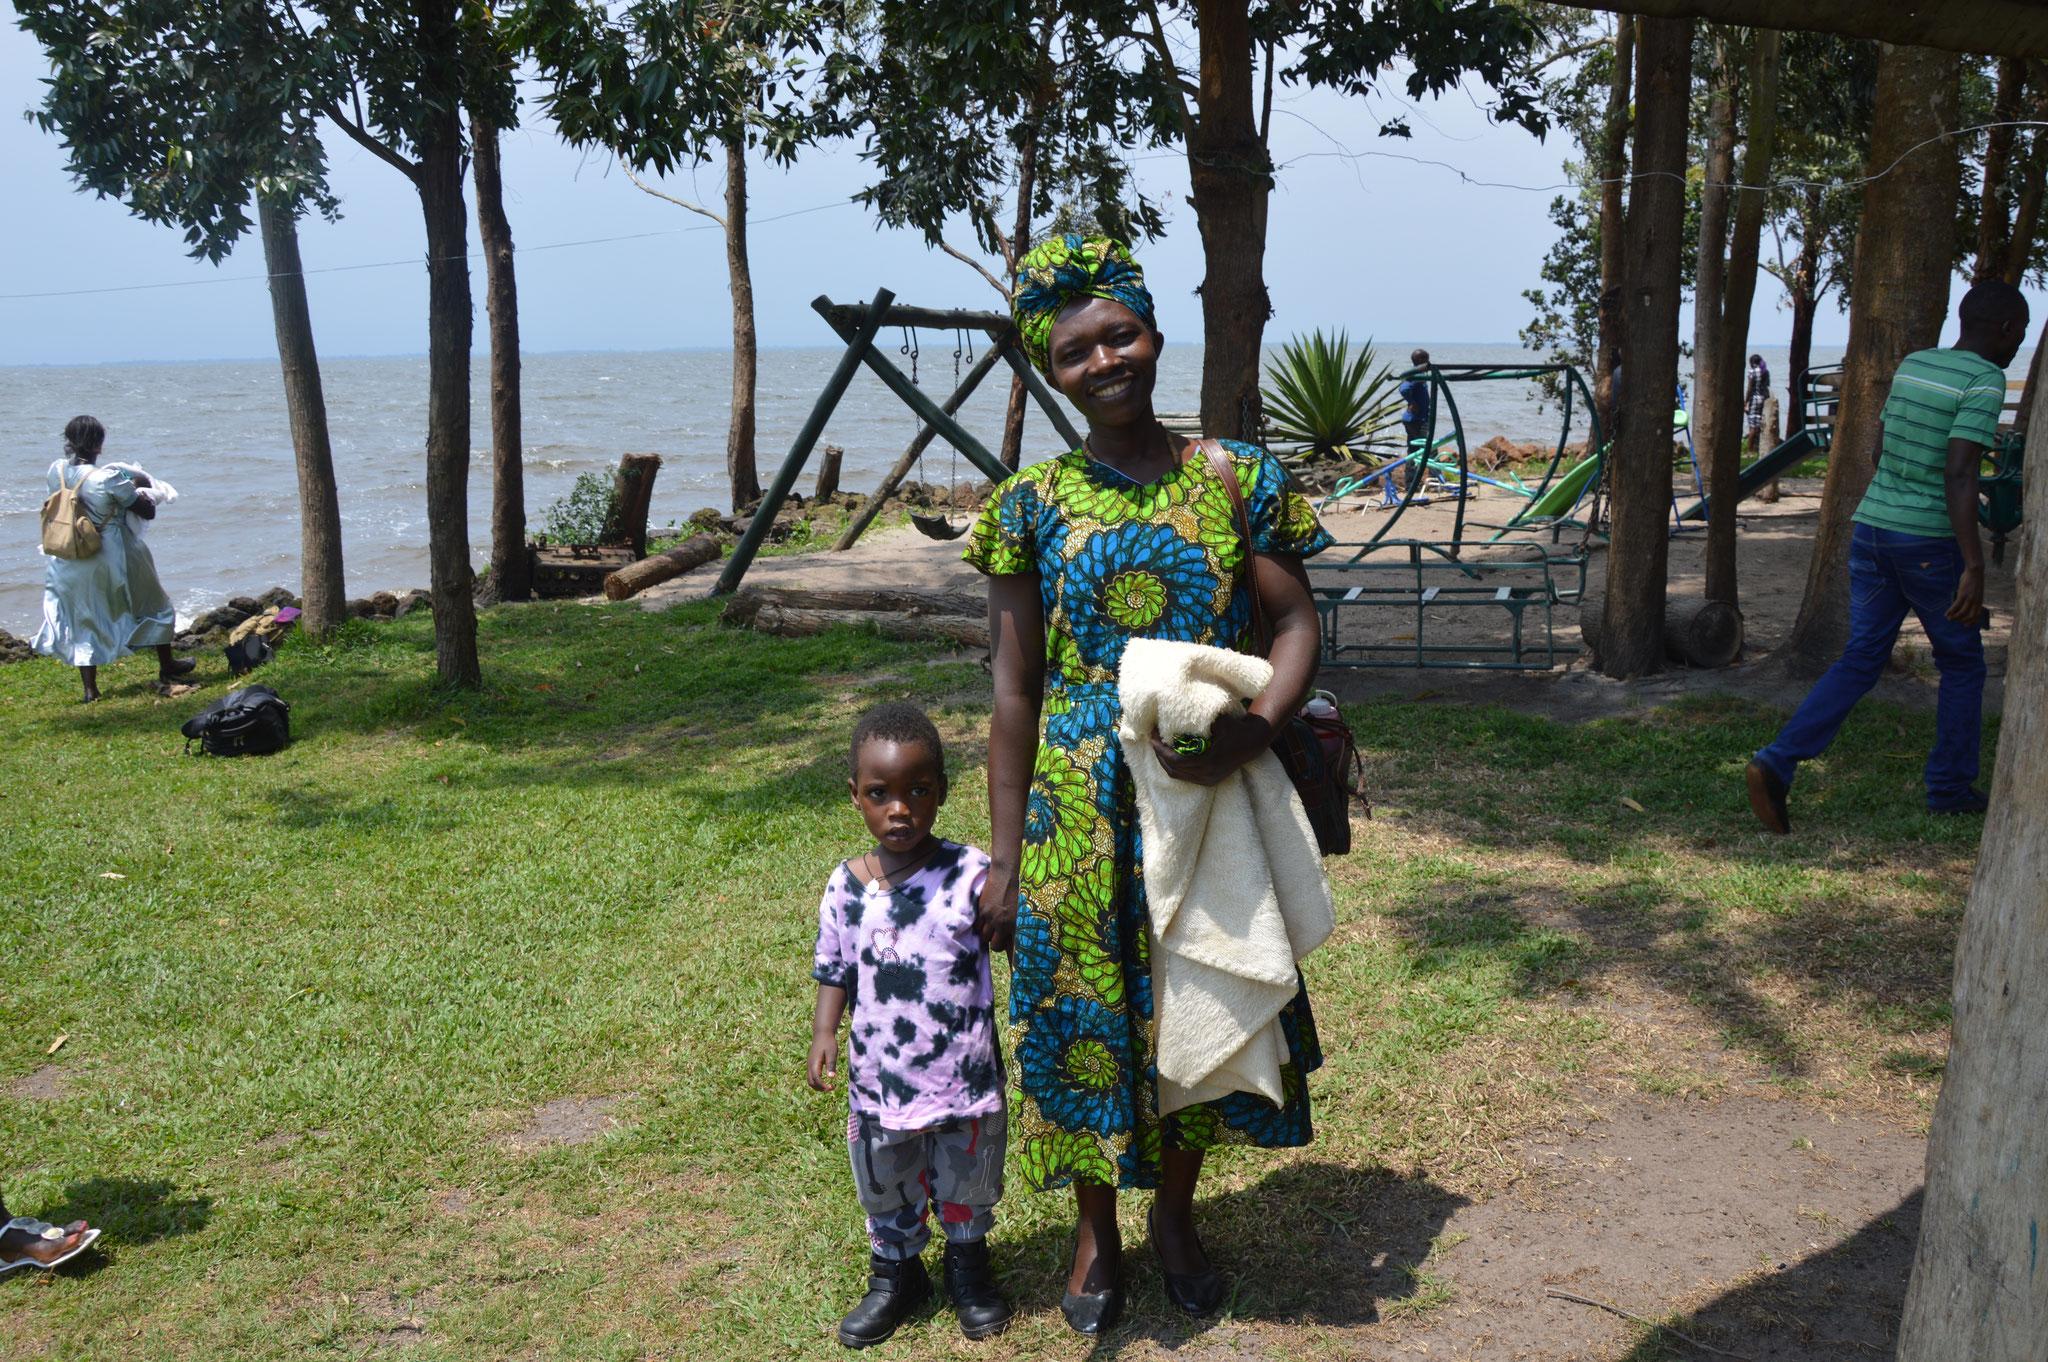 Rosemary mit ihrem Sohn. Sie ist Lehrerin an der Taub-Blinden-Schule seit 2016. Davor war sie in den Klassen 1 - 3.